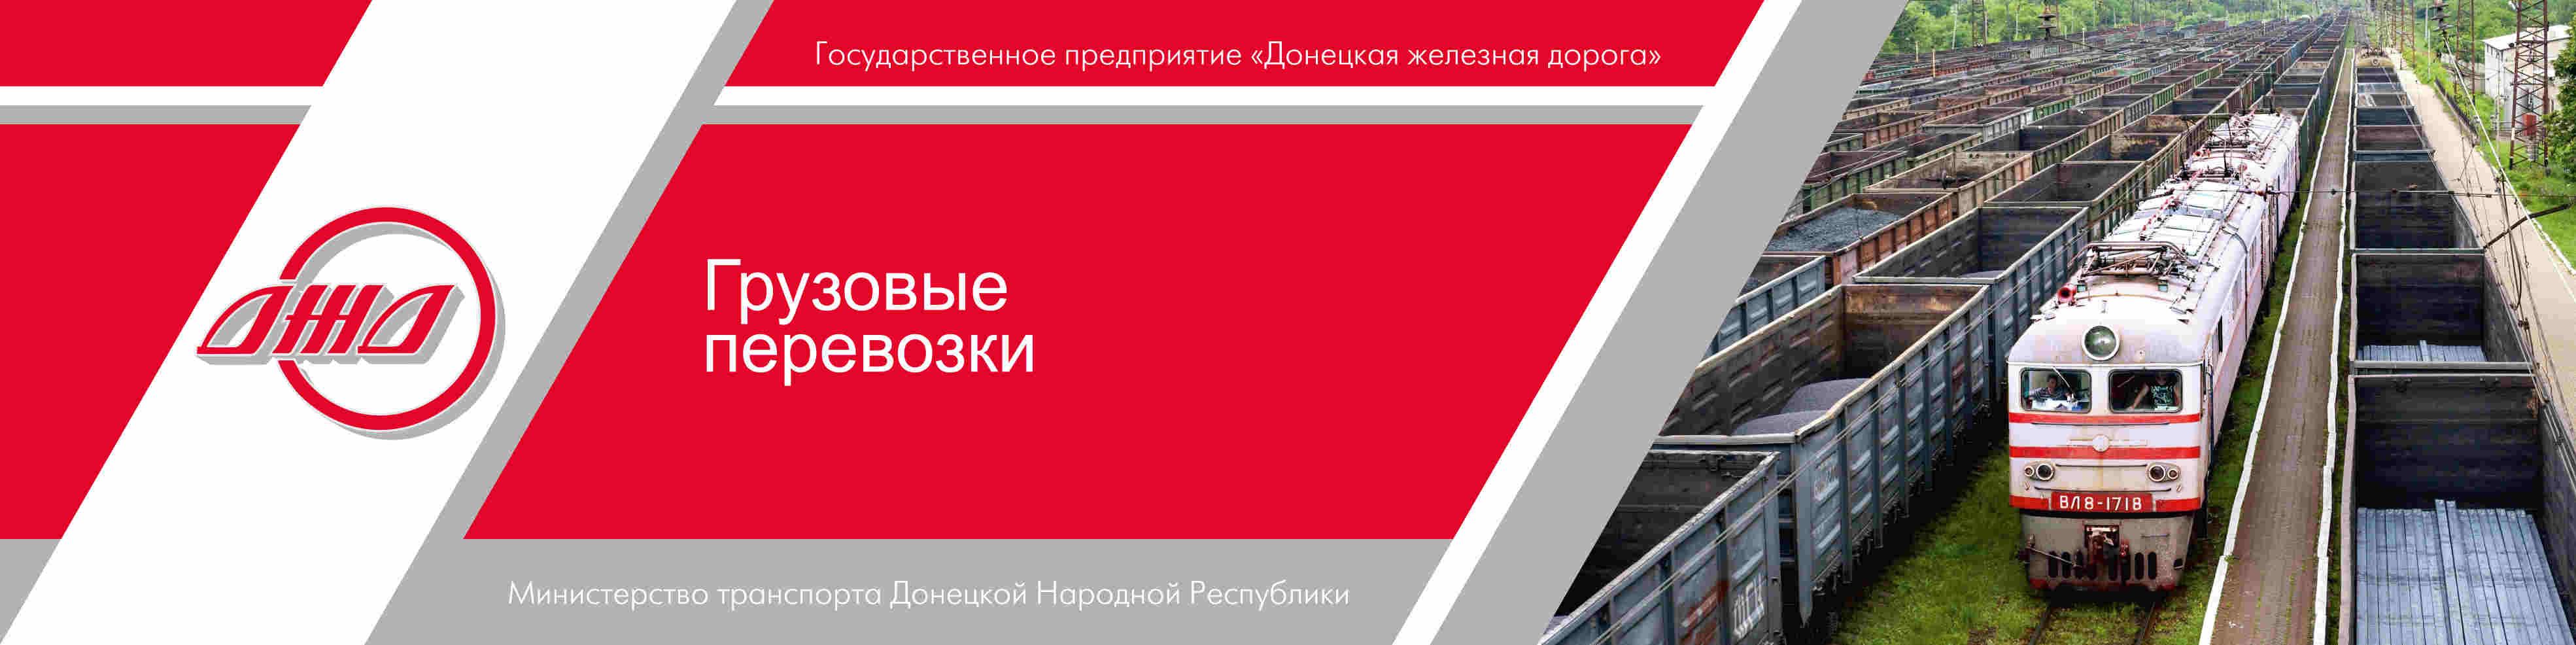 Грузовые перевозки ГП Донецкая железная дорога Донецкая Народная республика